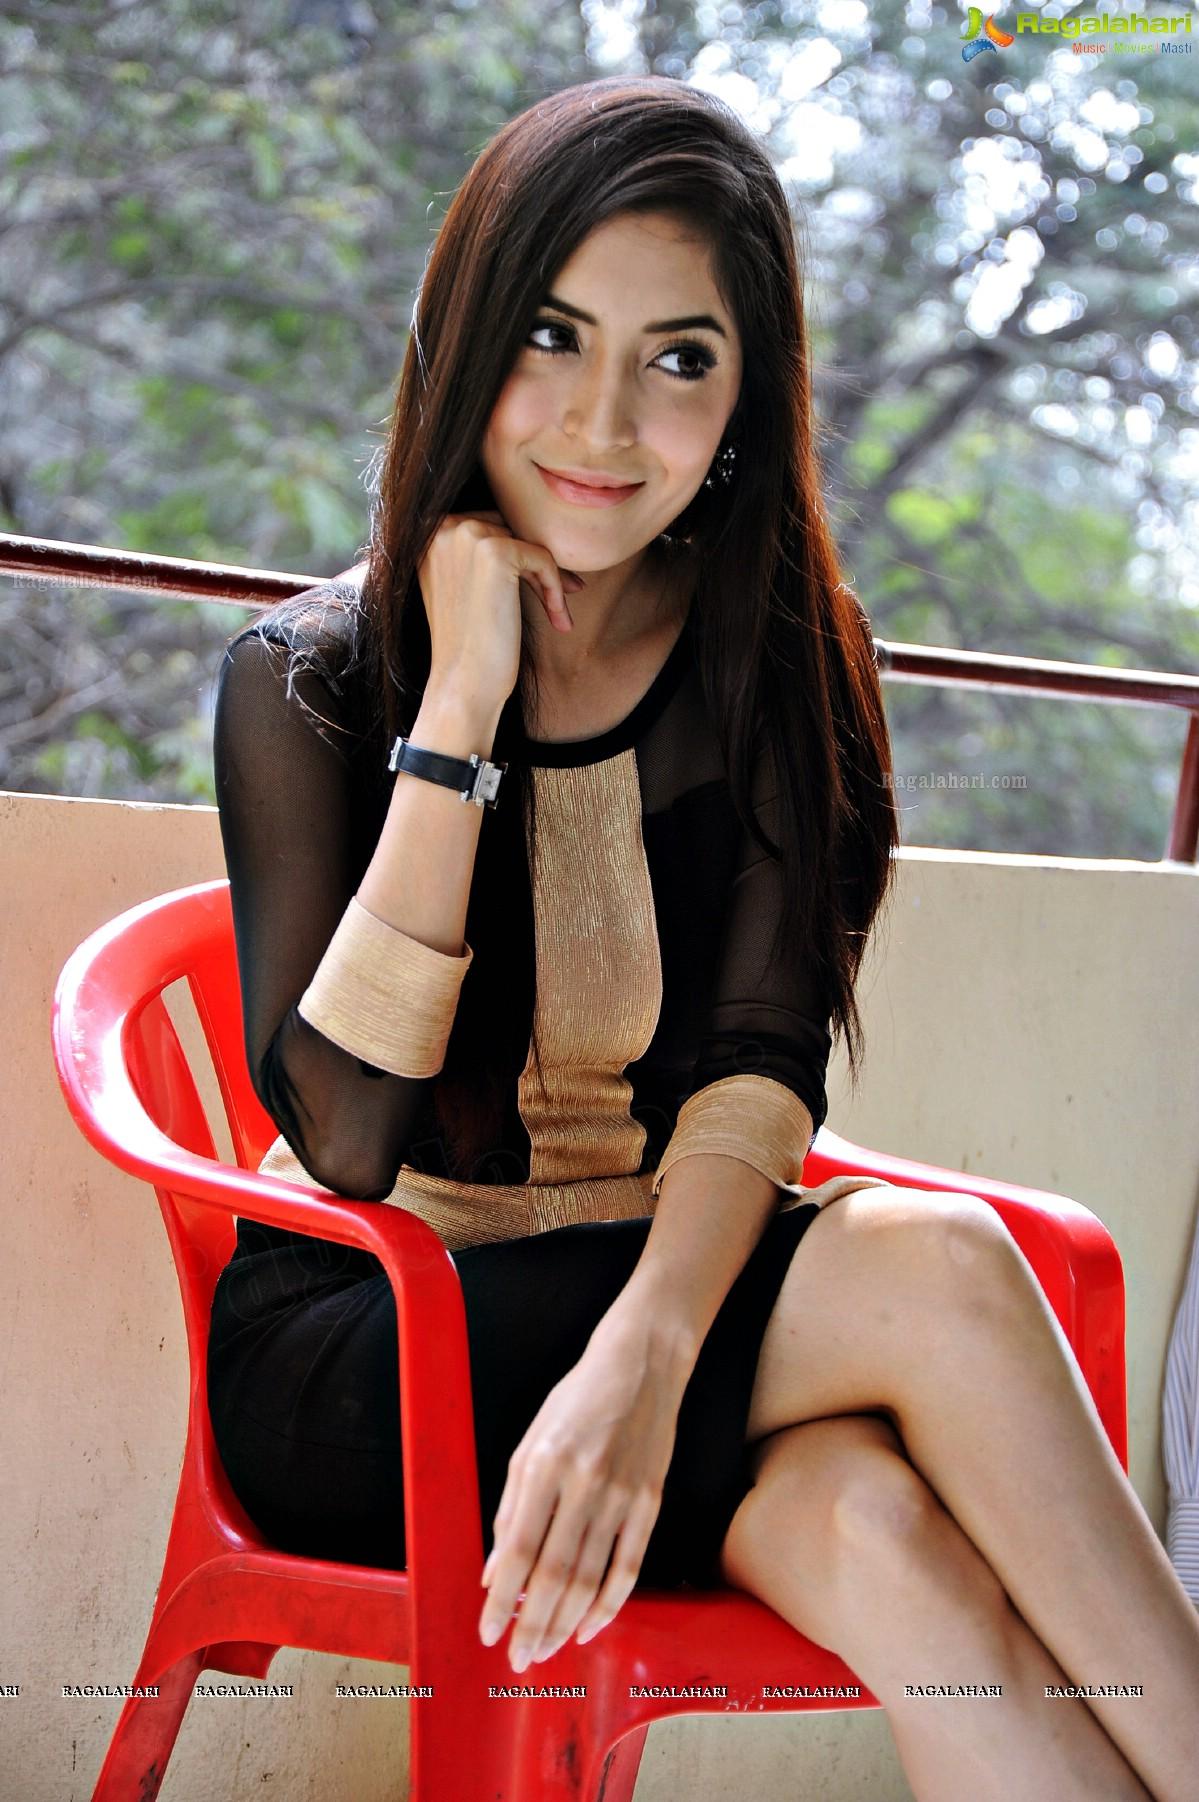 Pinky Savika Image 99